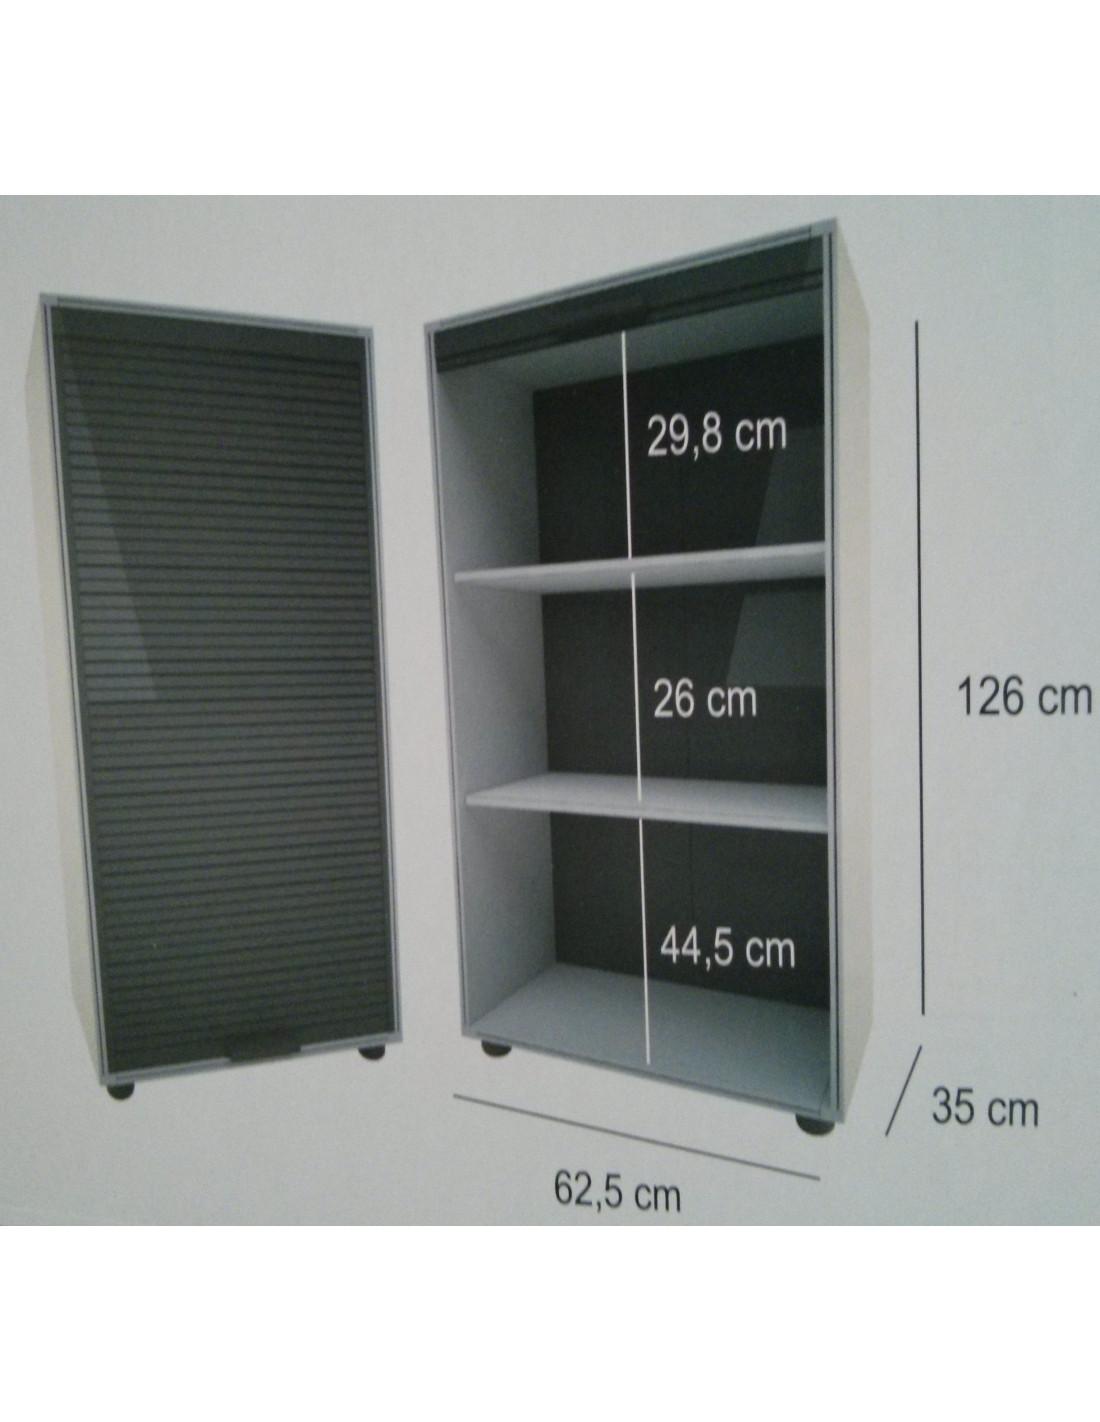 Modulo Armario con puertas de persiana garaje 126x62,5cm | Tienda de ...